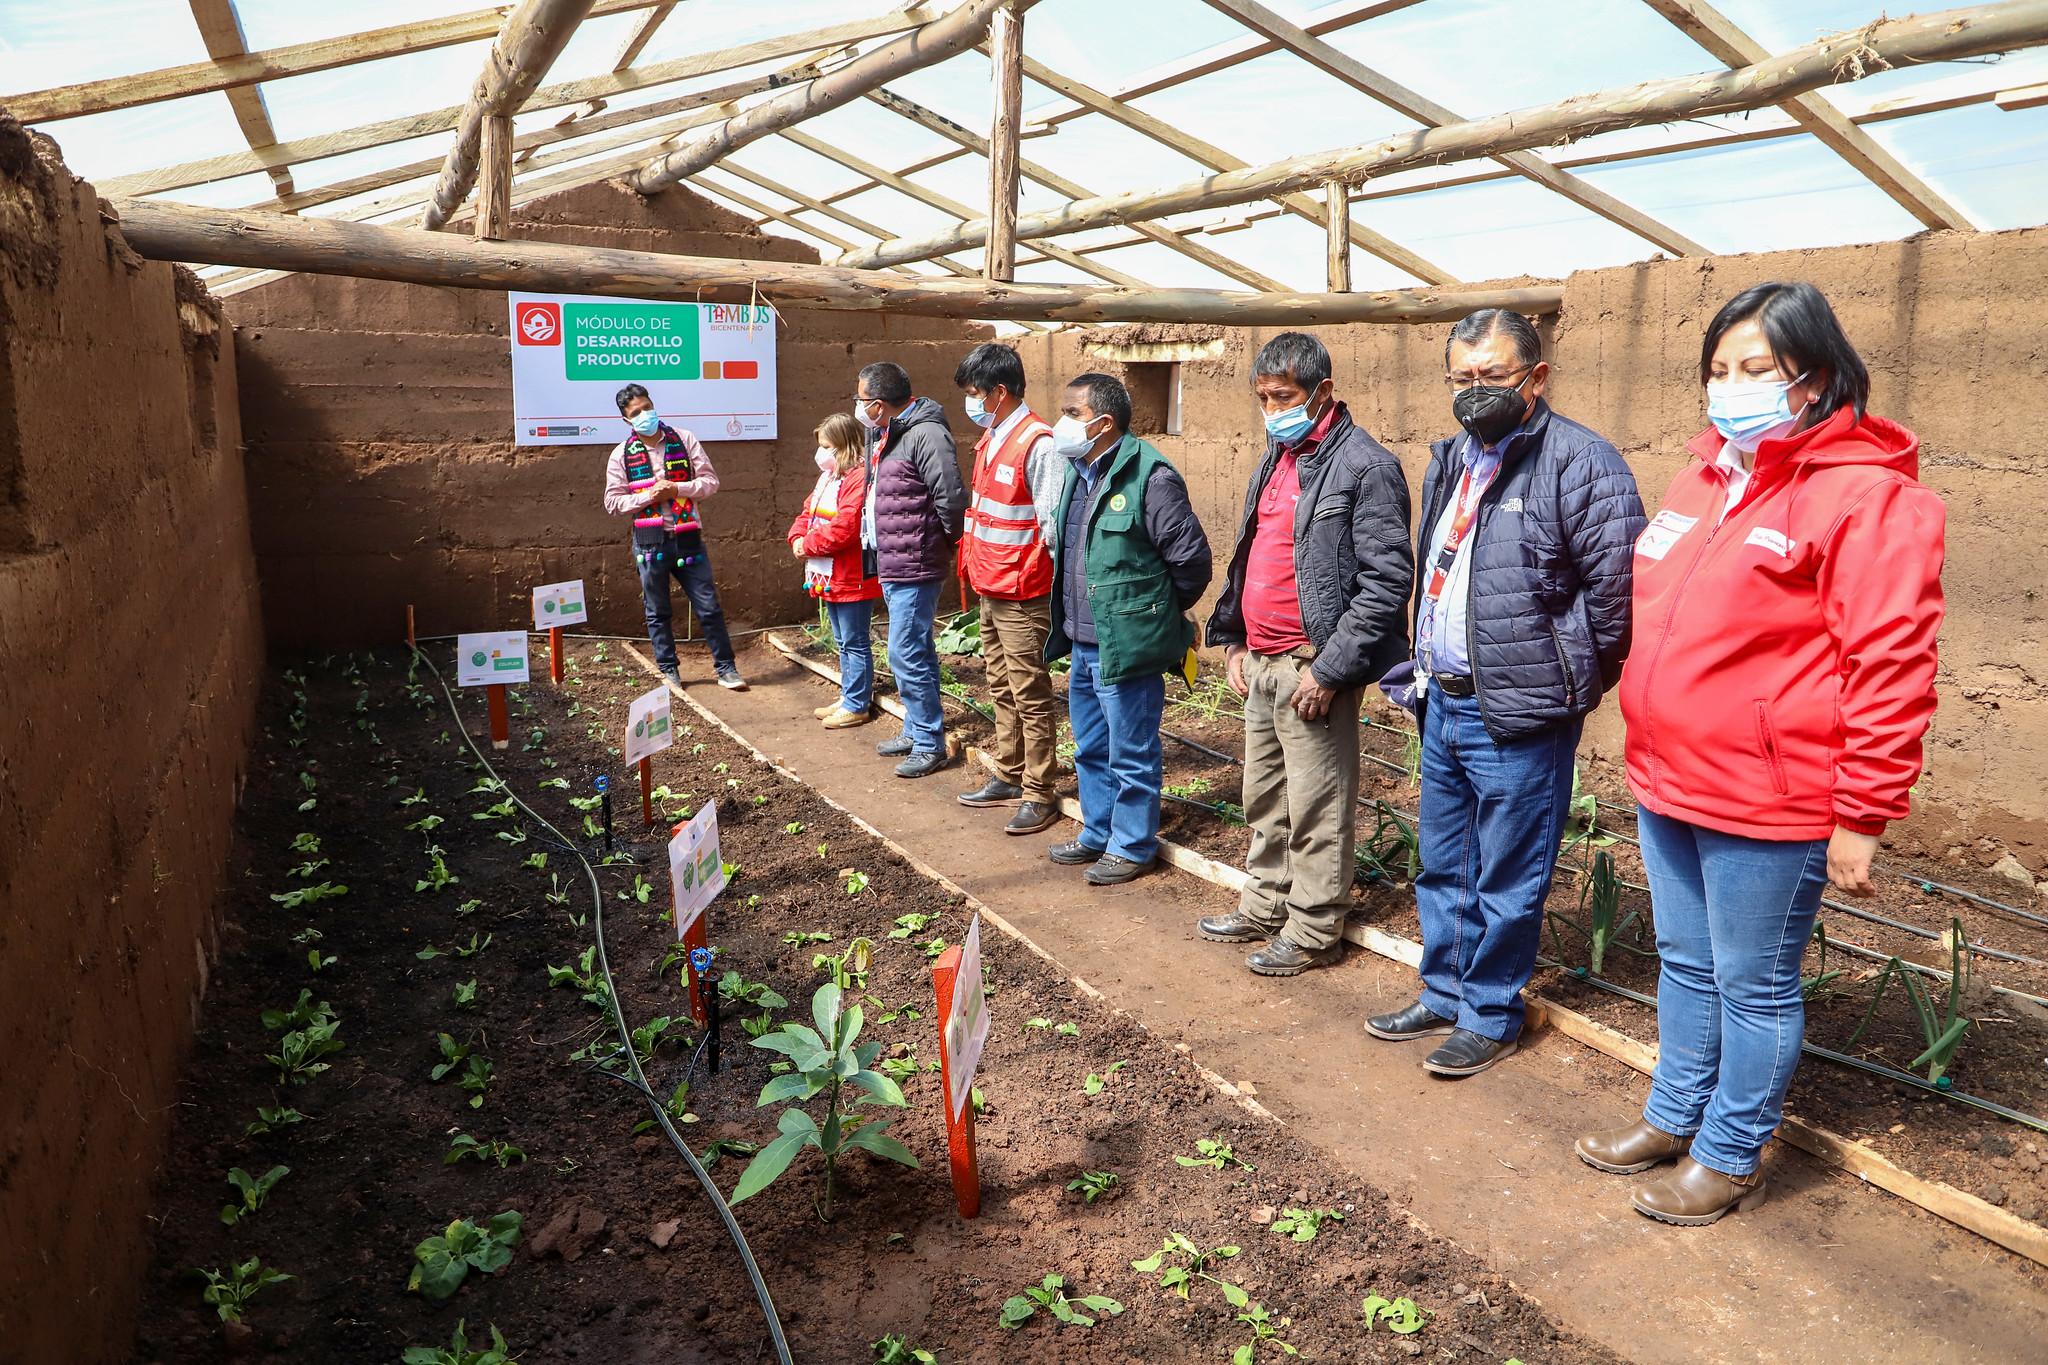 Pobladores huancavelicanos desarrollan emprendimientos en horticultura tras capacitarse en Tambo Bicentenario Lindapampa